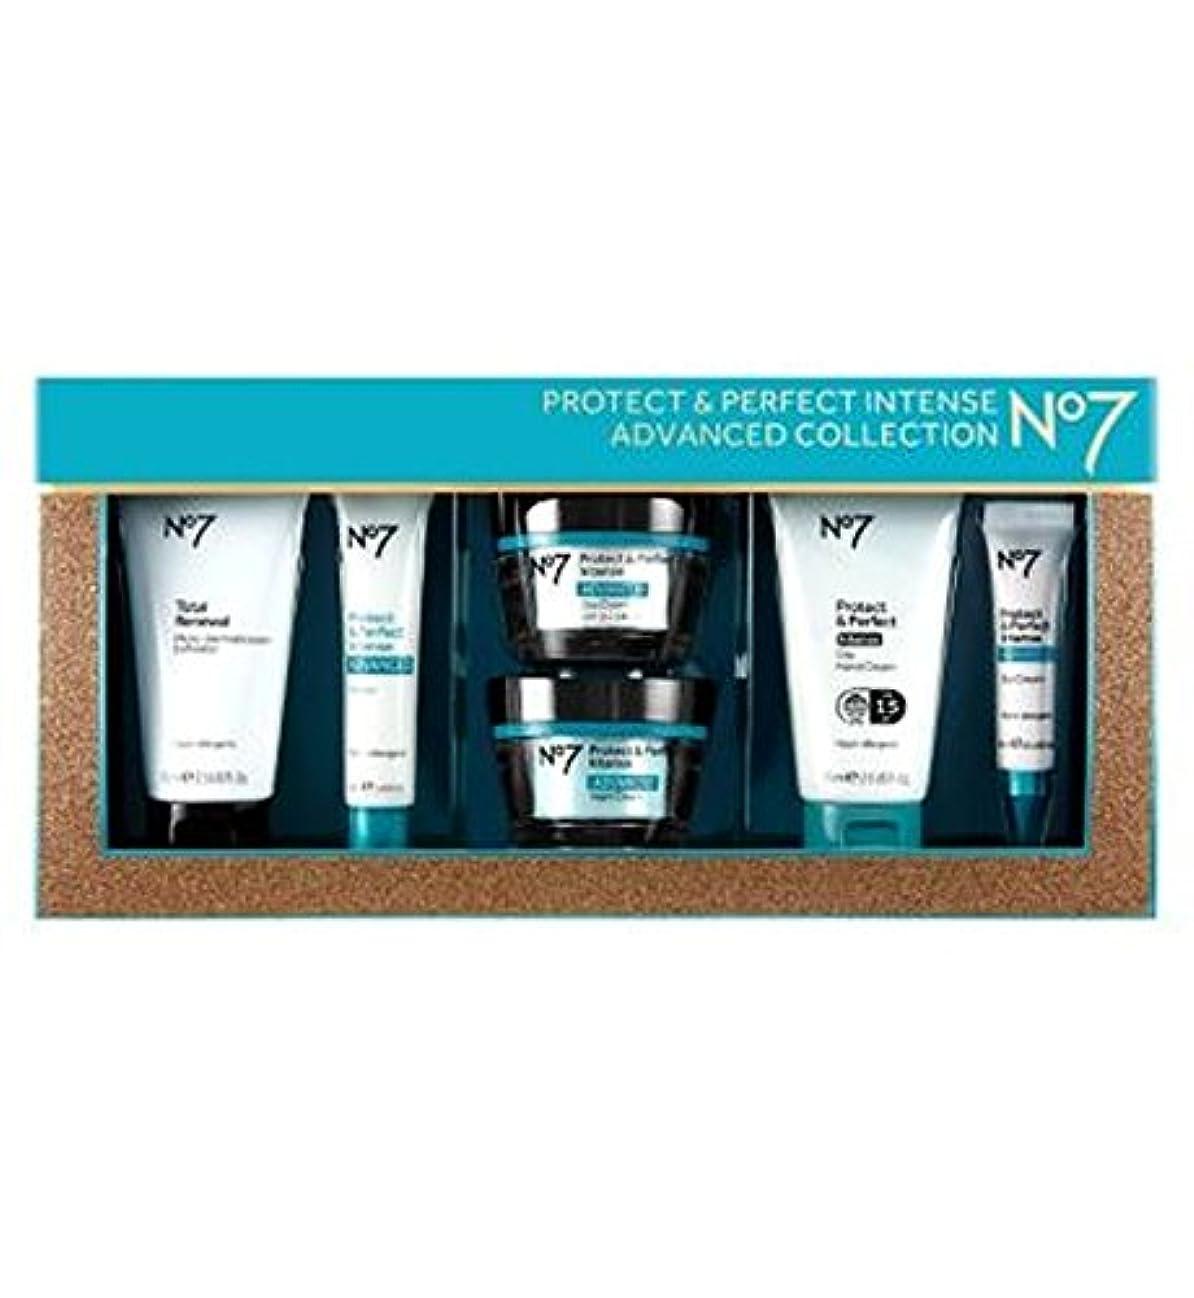 焼くアミューズメント郵便局No7保護&完璧な強烈な高度なコレクション (No7) (x2) - No7 Protect & Perfect Intense ADVANCED Collection (Pack of 2) [並行輸入品]